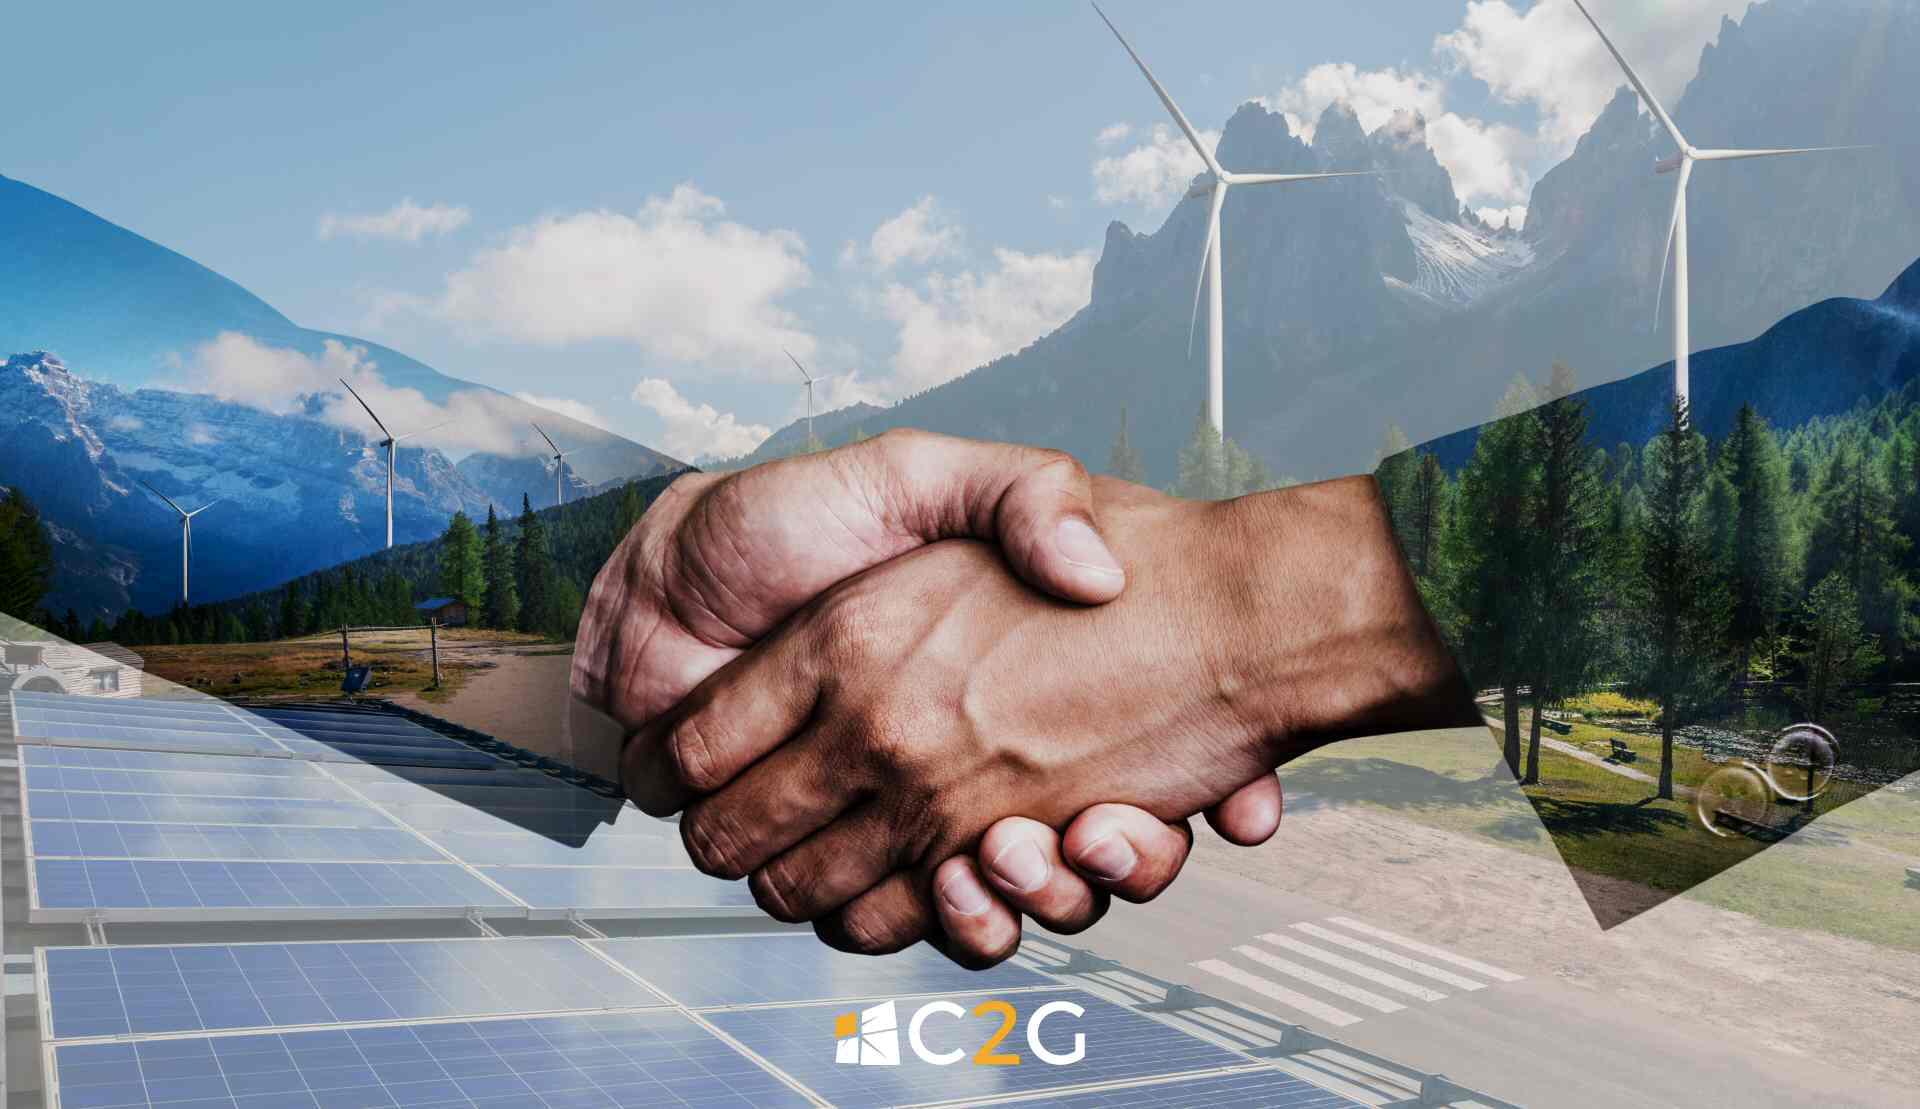 Collaborazione con imprese e architetti Monza e Brianza, Lecco, Bergamo - C2G Solar